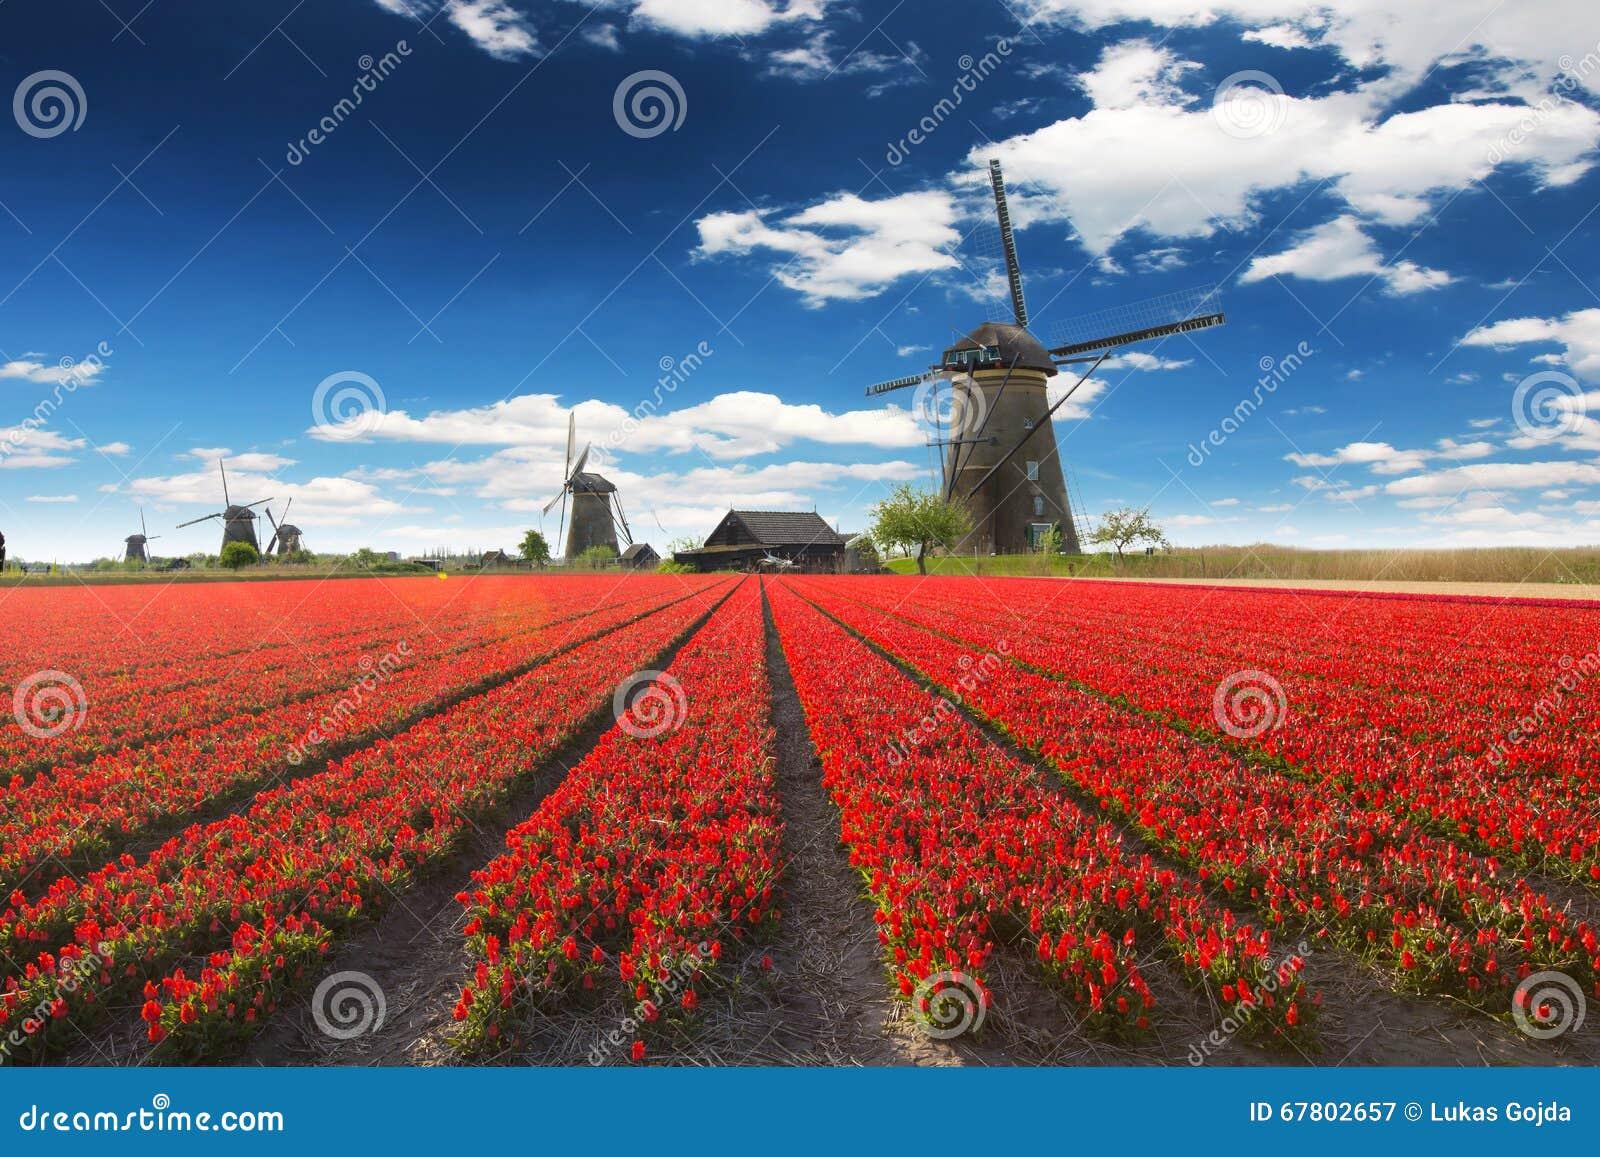 Windmolen met tulpengebied in Holland